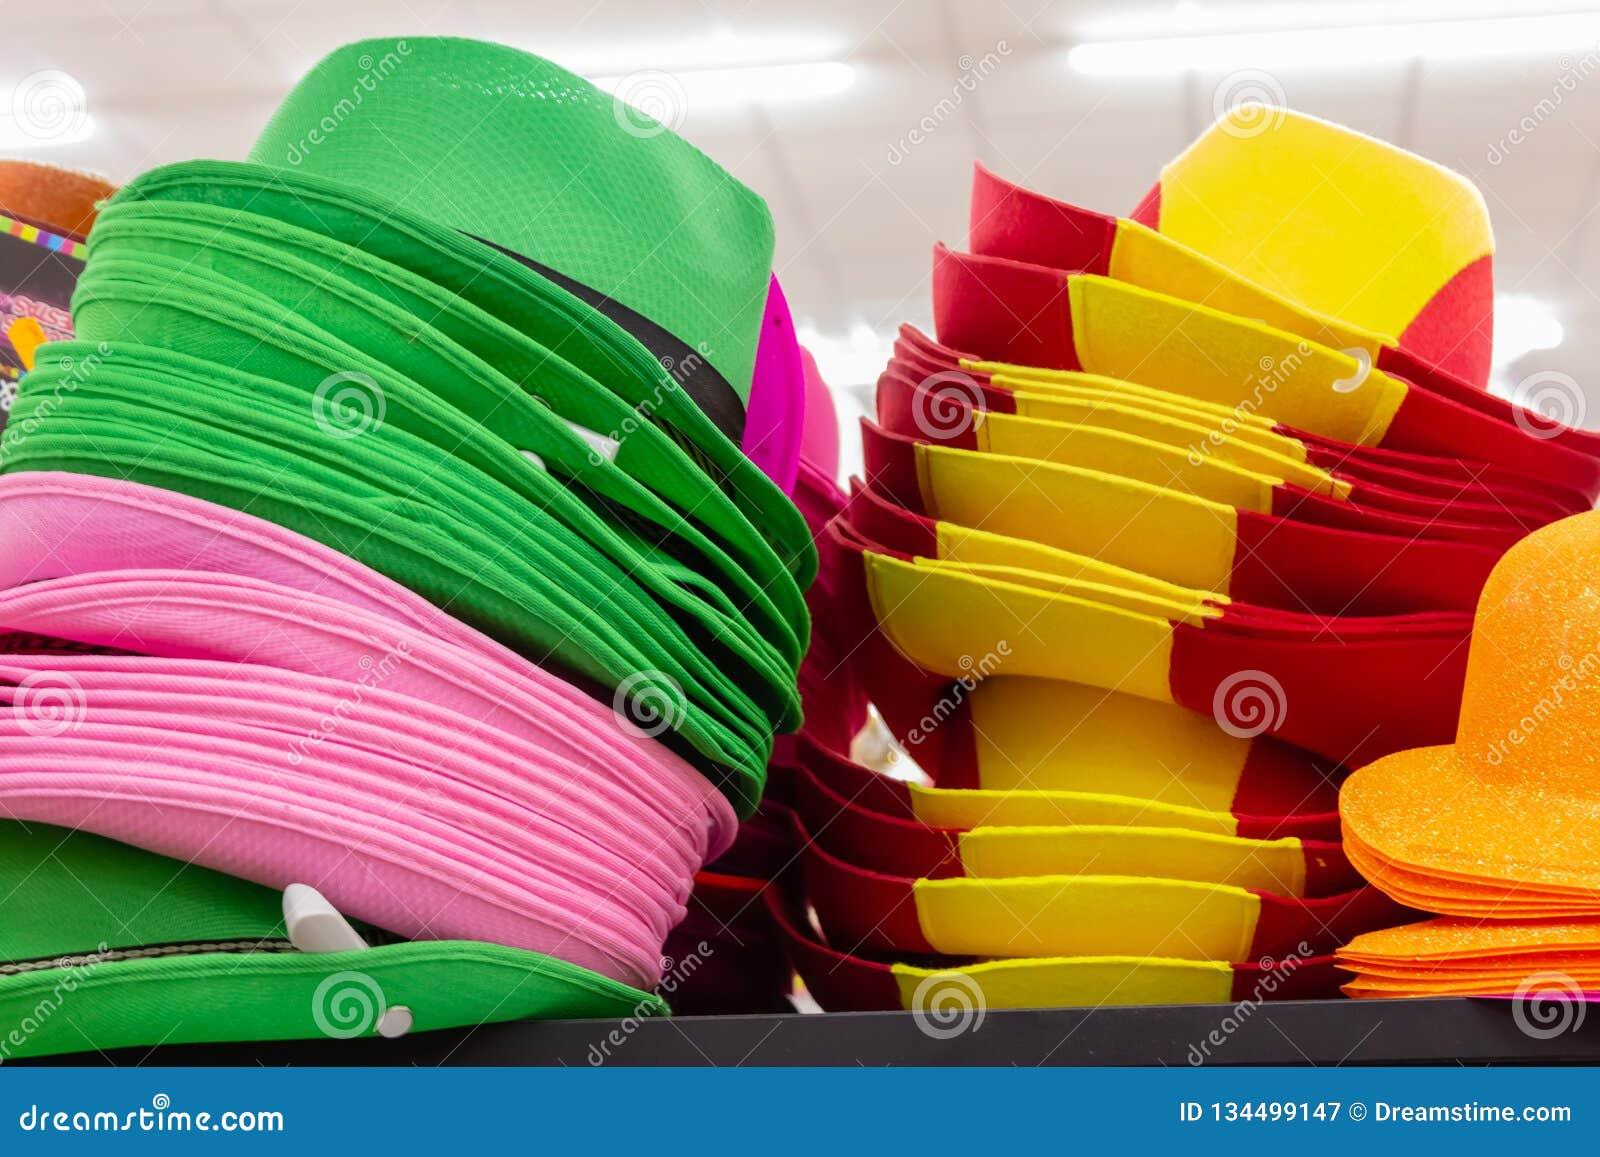 Rijen van multi-colored hoeden van stropanama